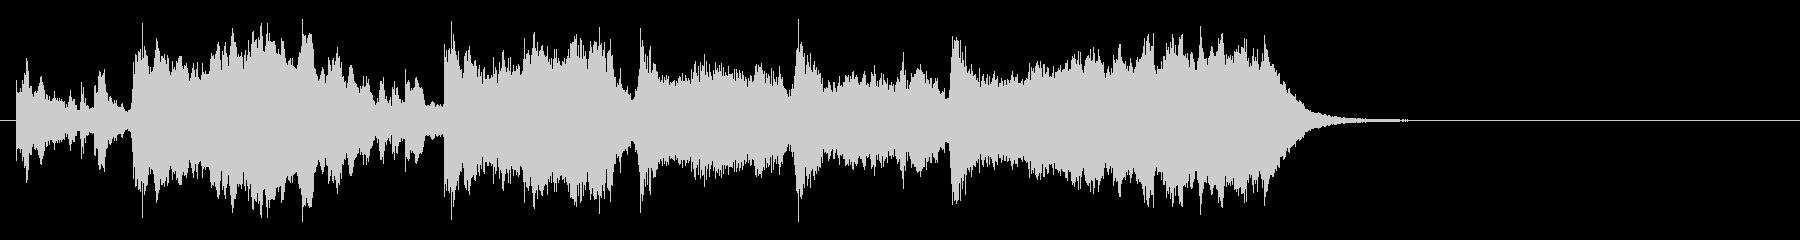 ステージクリア~力強いファンファーレの未再生の波形